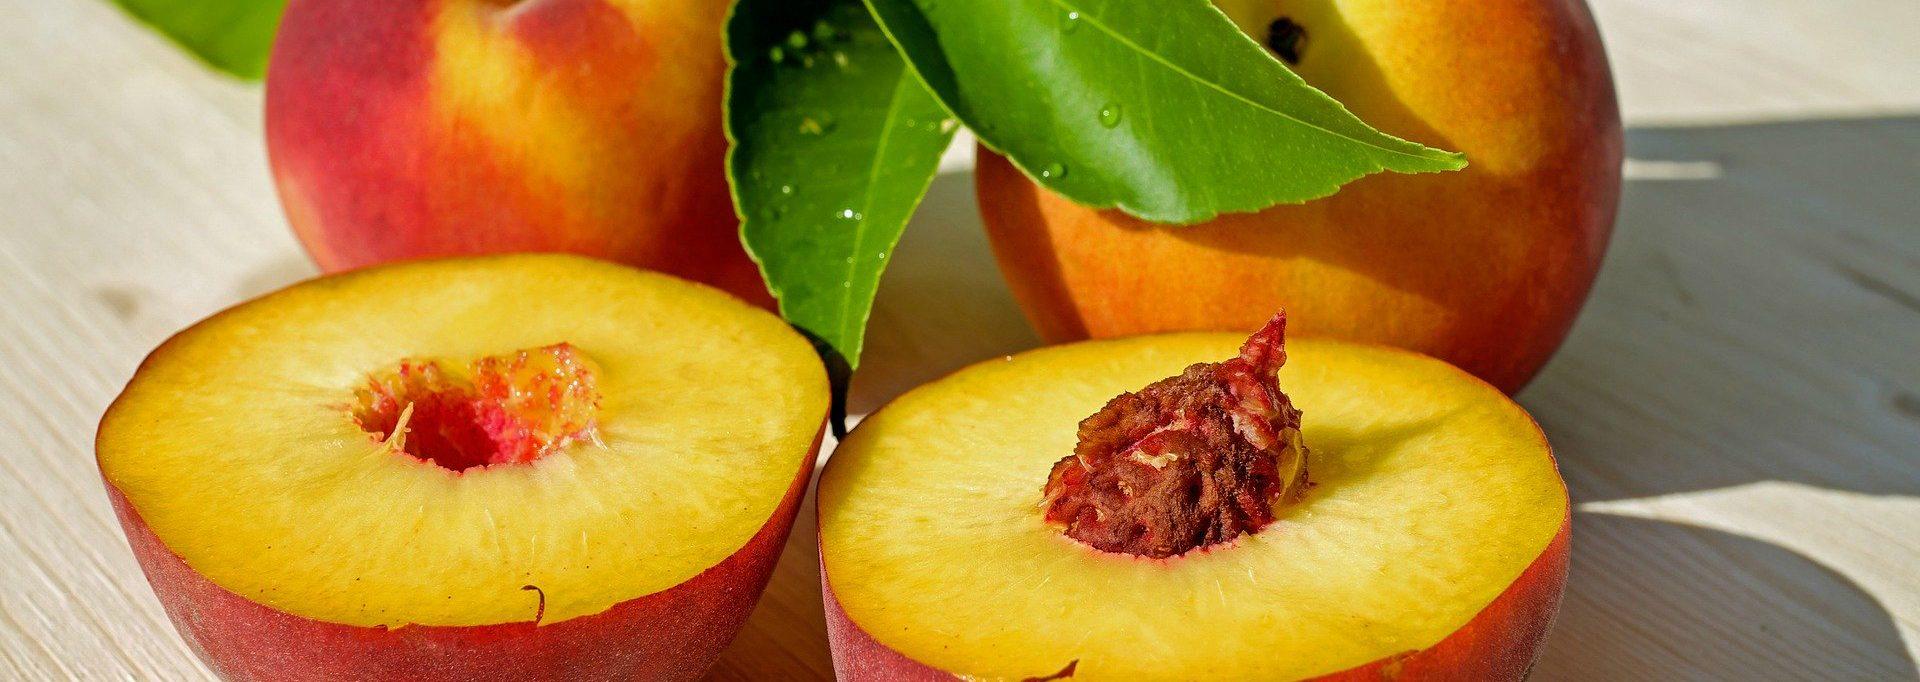 Avocado Peach Smoothie